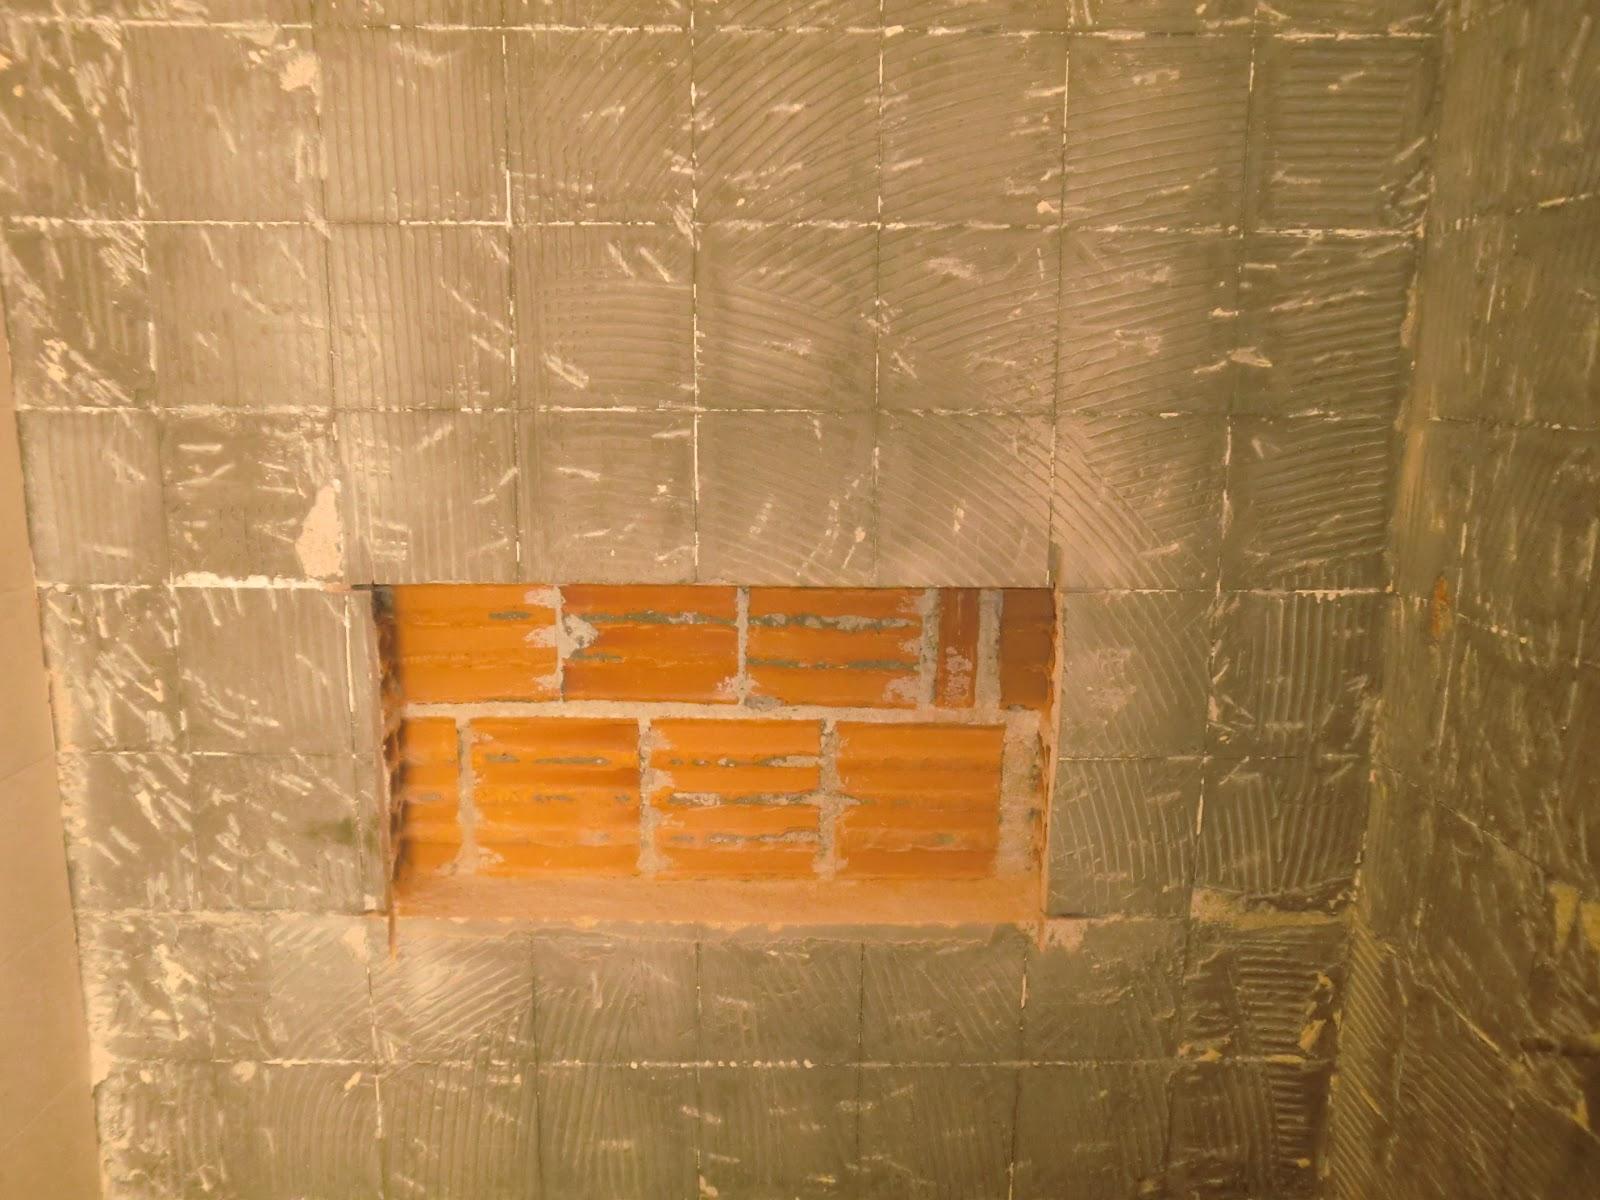 de como fazer um nicho de pastilhas de vidro dentro bo box do banheiro  #C68005 1600x1200 Banheiro Com Uma Parede De Pastilha